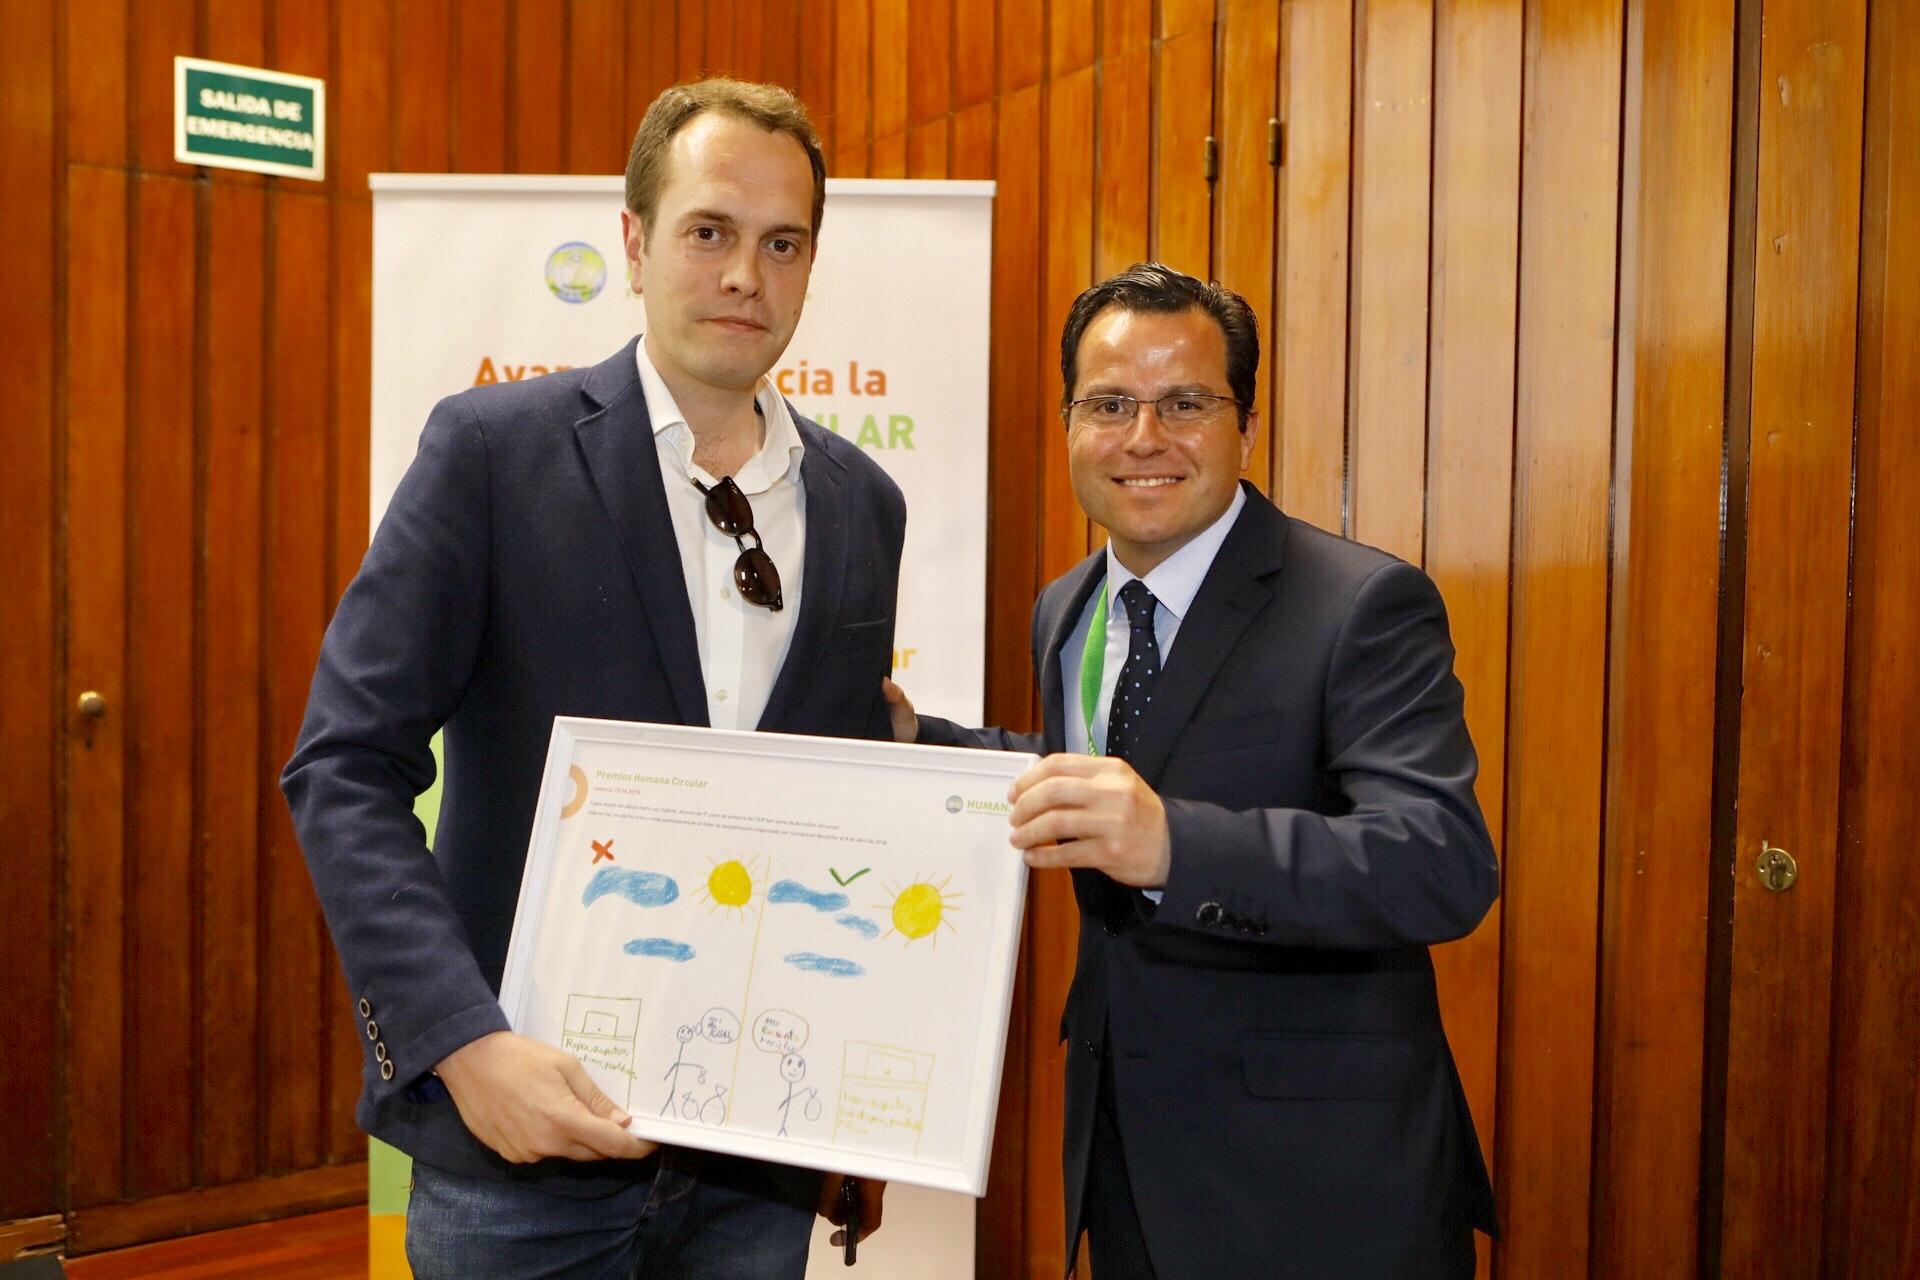 El alcalde de Cheste, José Morell, en representación del Ayuntamiento, recogía el galardón.